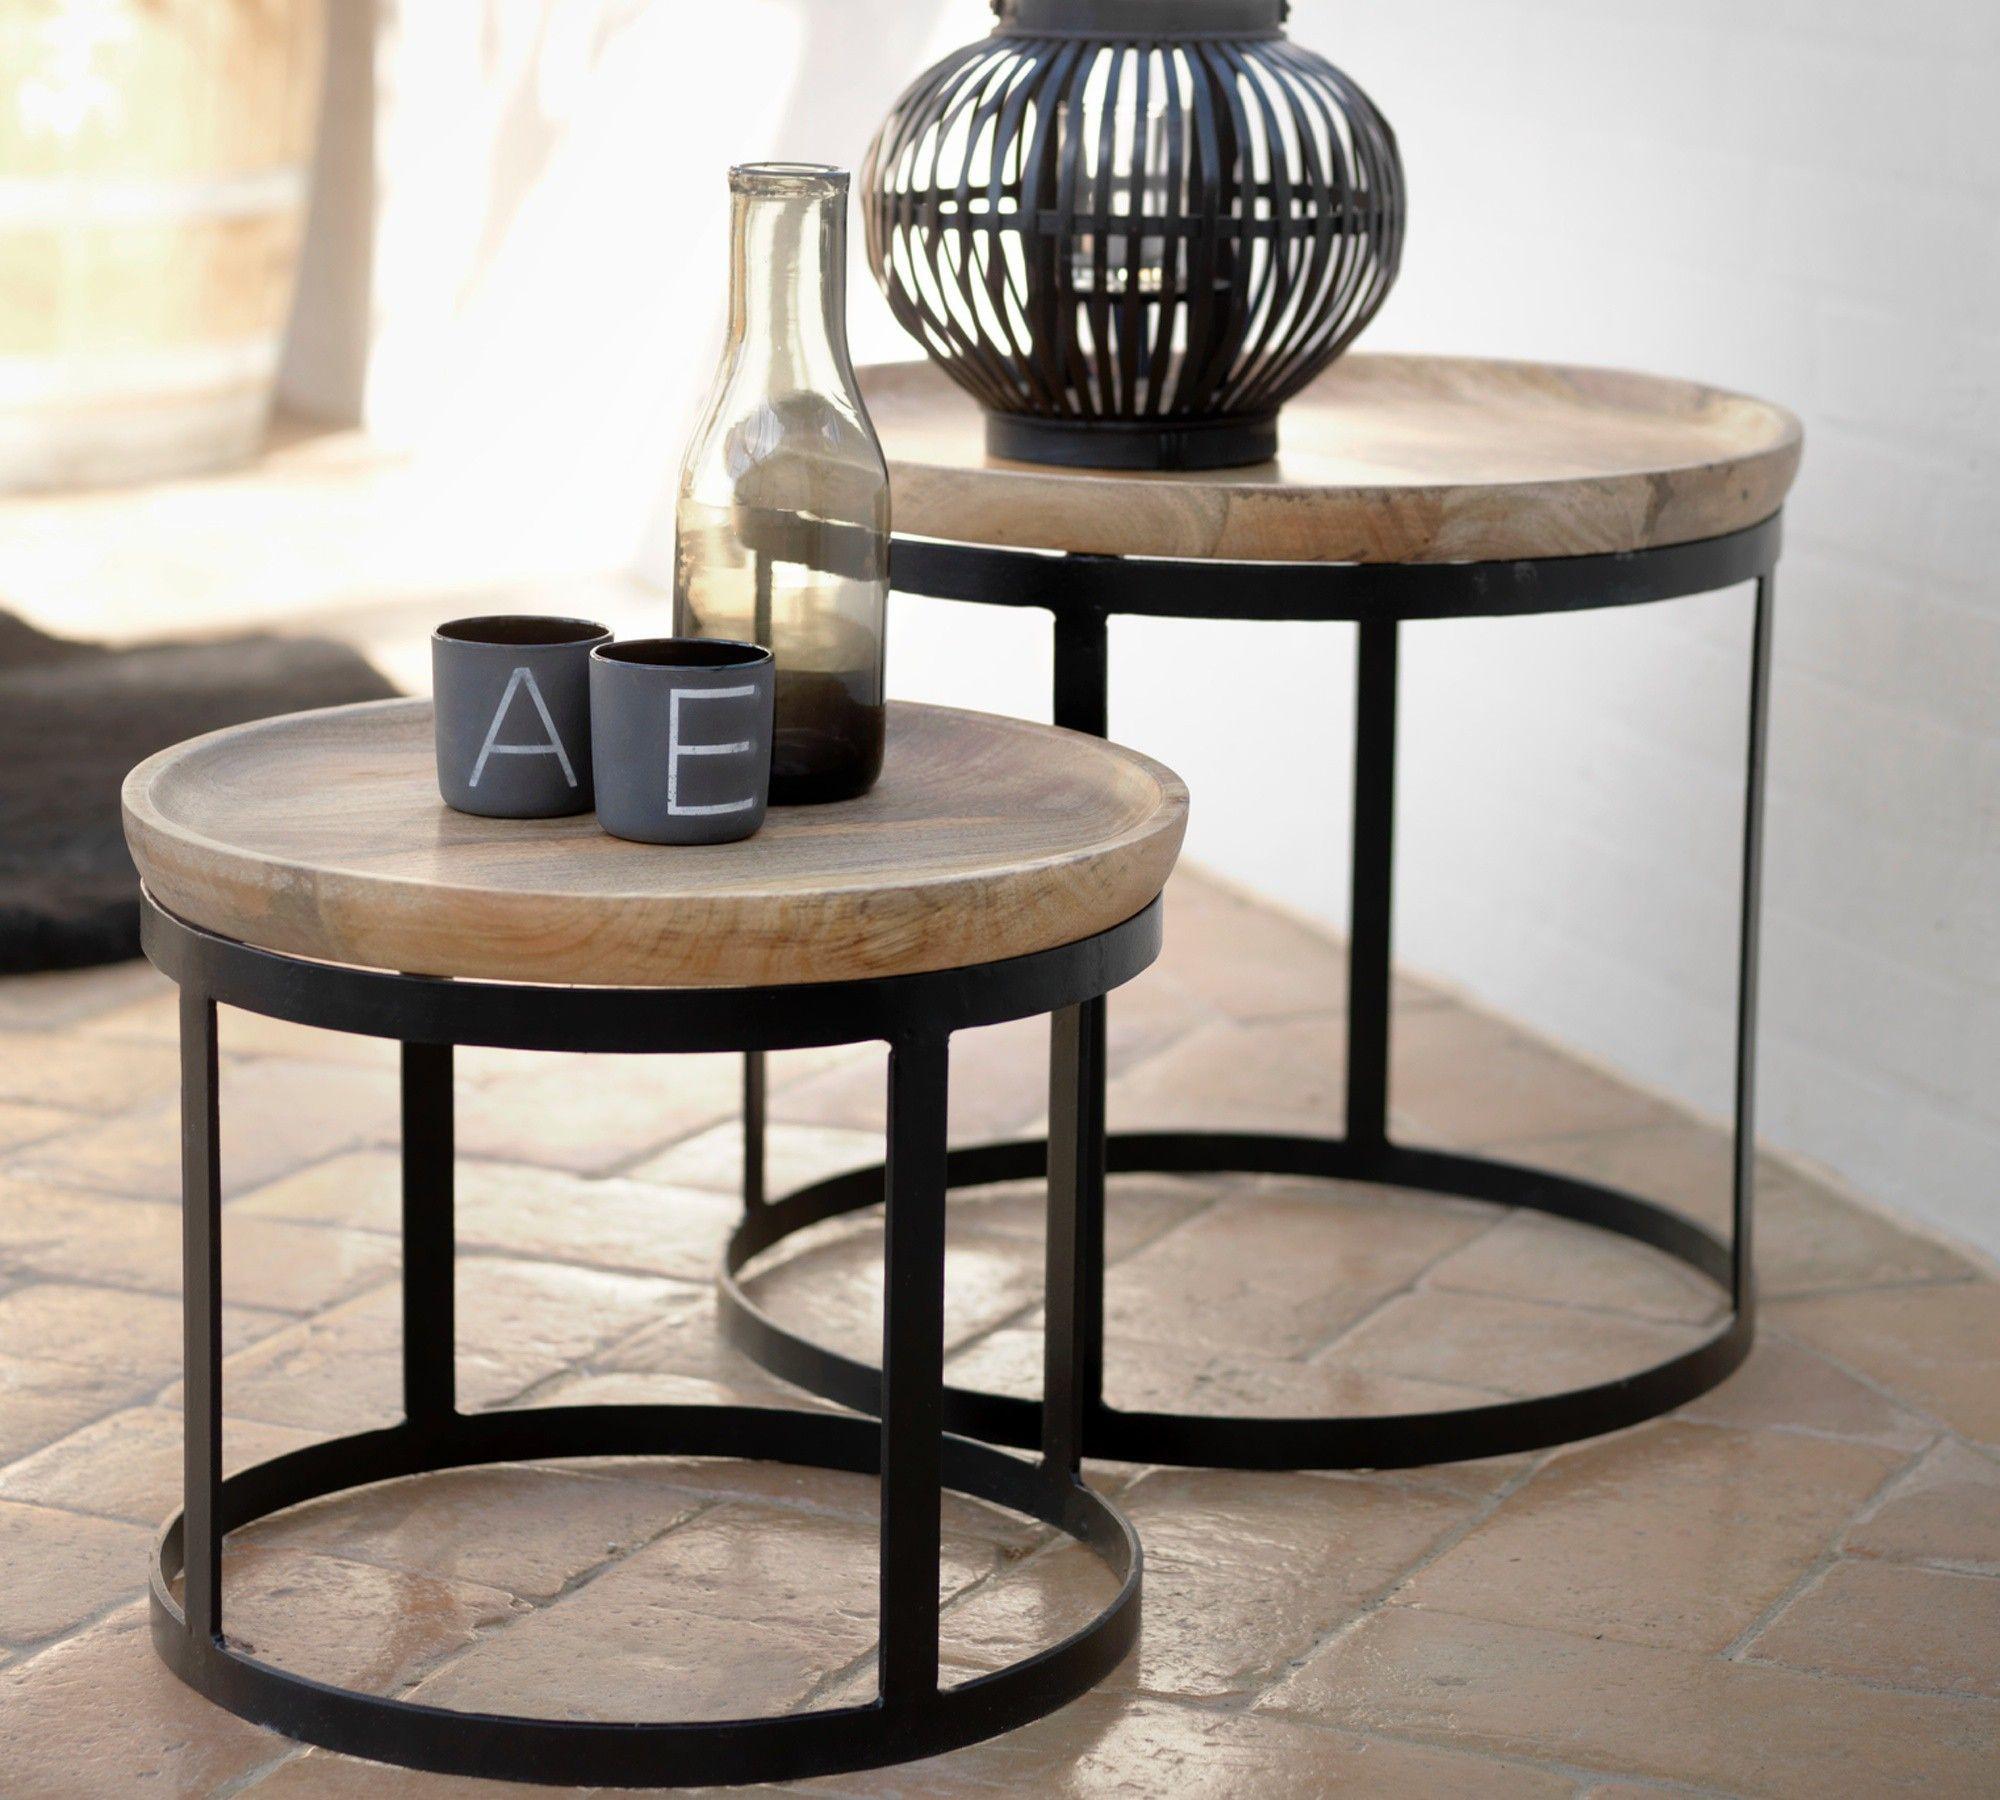 Gabler Design Beistelltisch 2er Set Paolo 10005880 Wohnzimmertische Beistelltisch 2er Set Couchtisch Rund